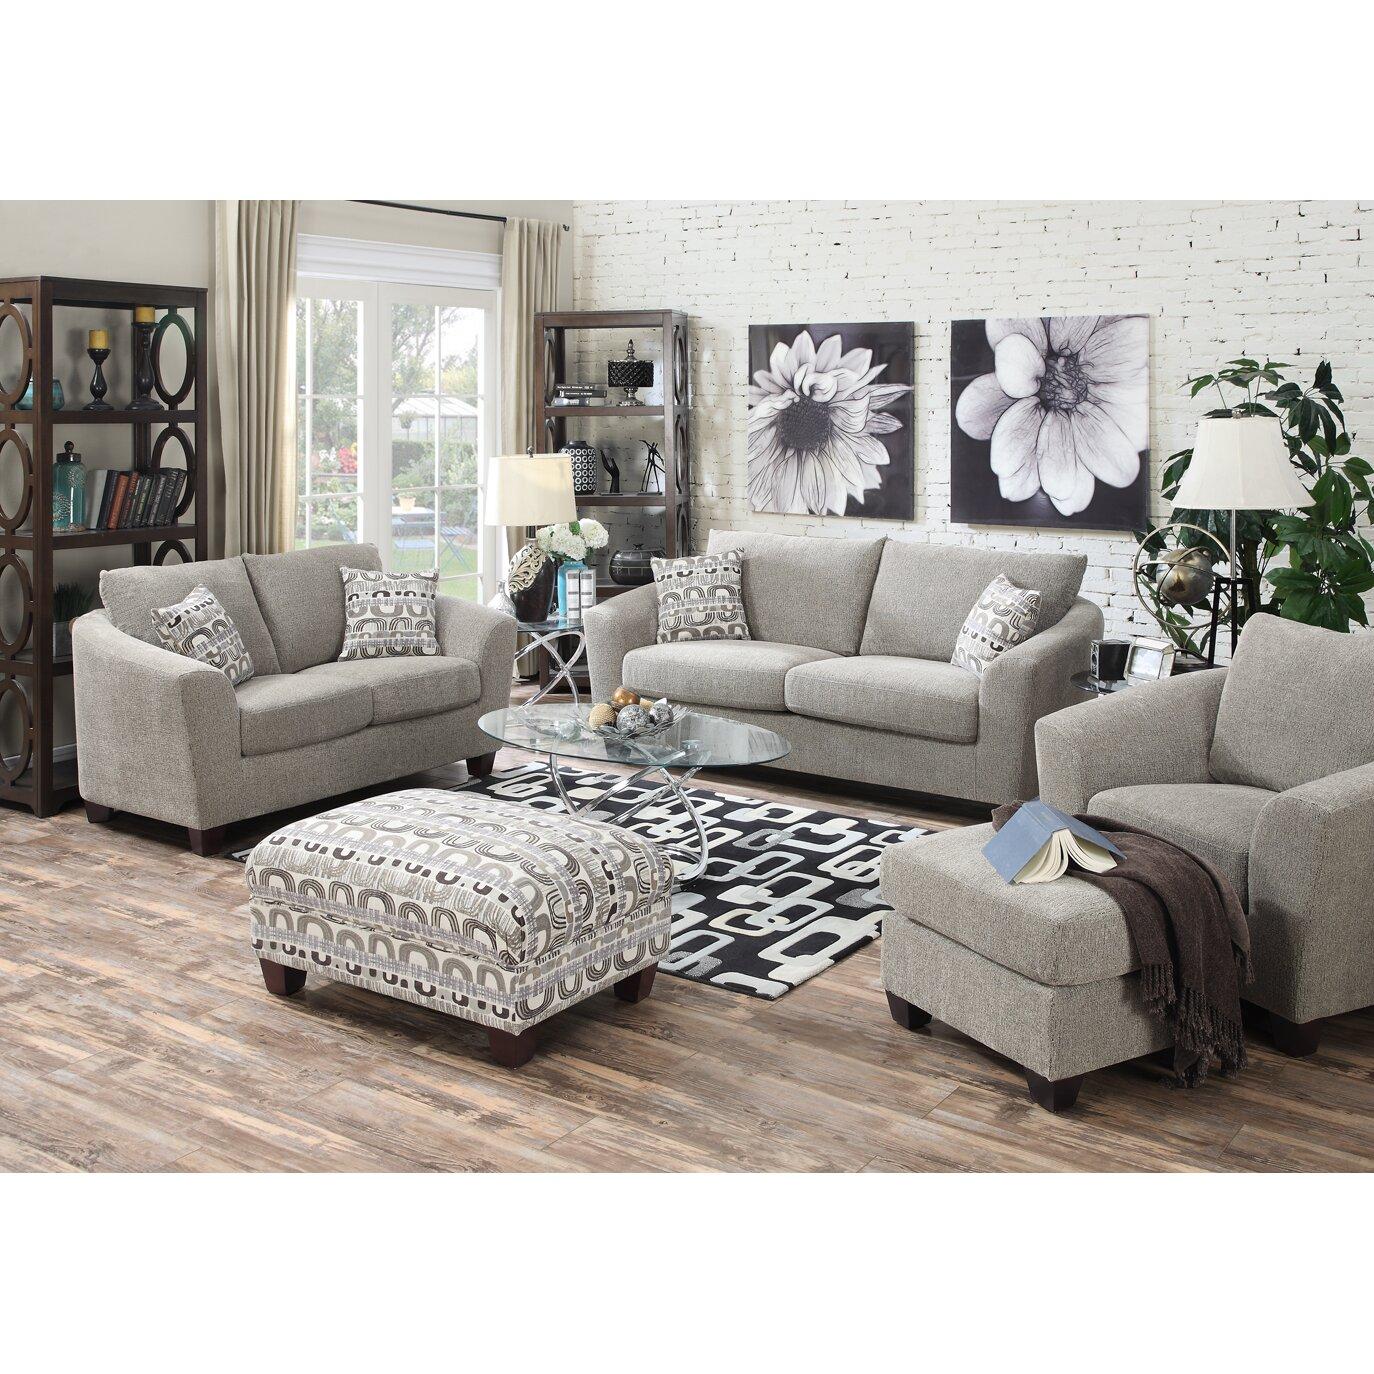 Wayfair Sofa Pillows